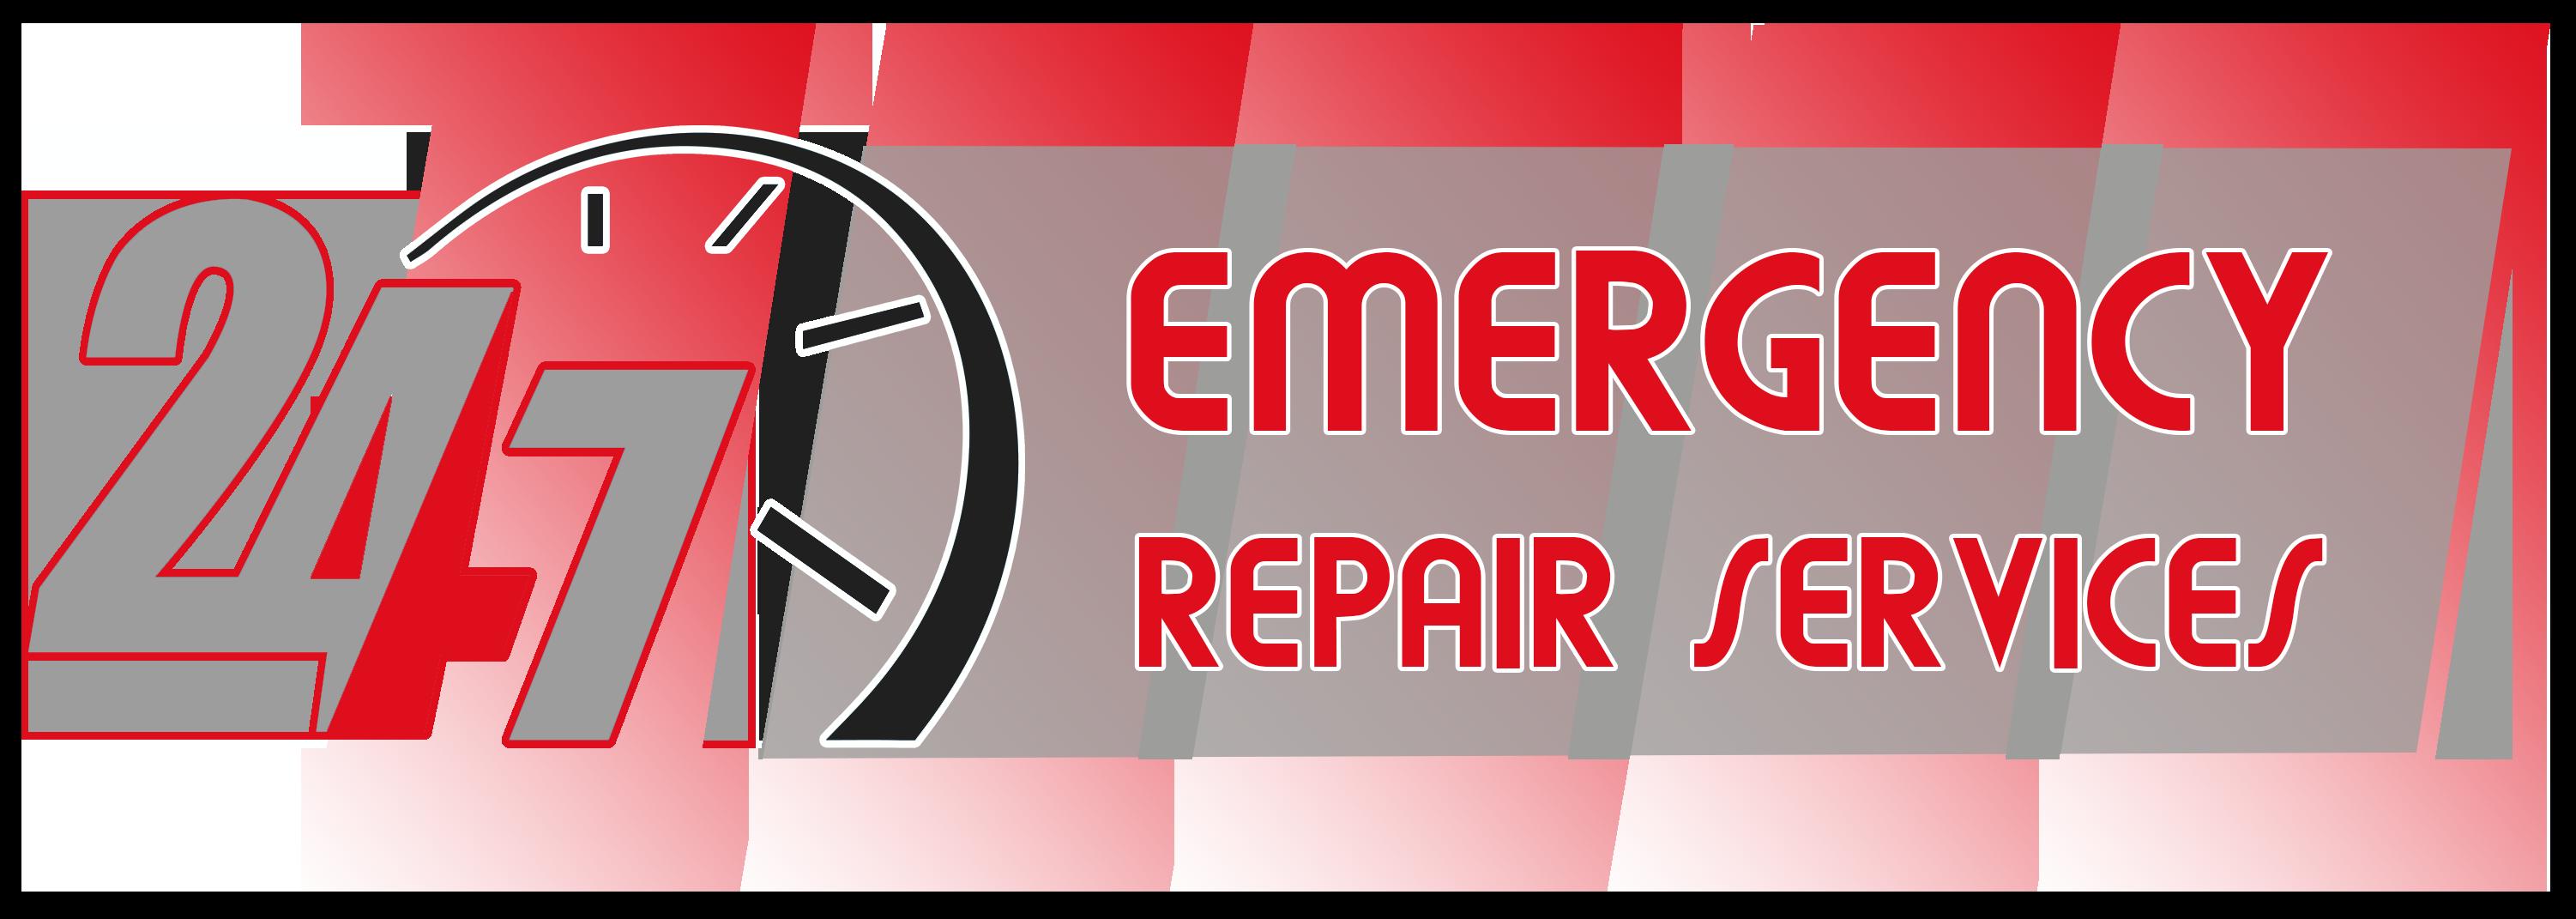 Emergency Repair Service 24/7